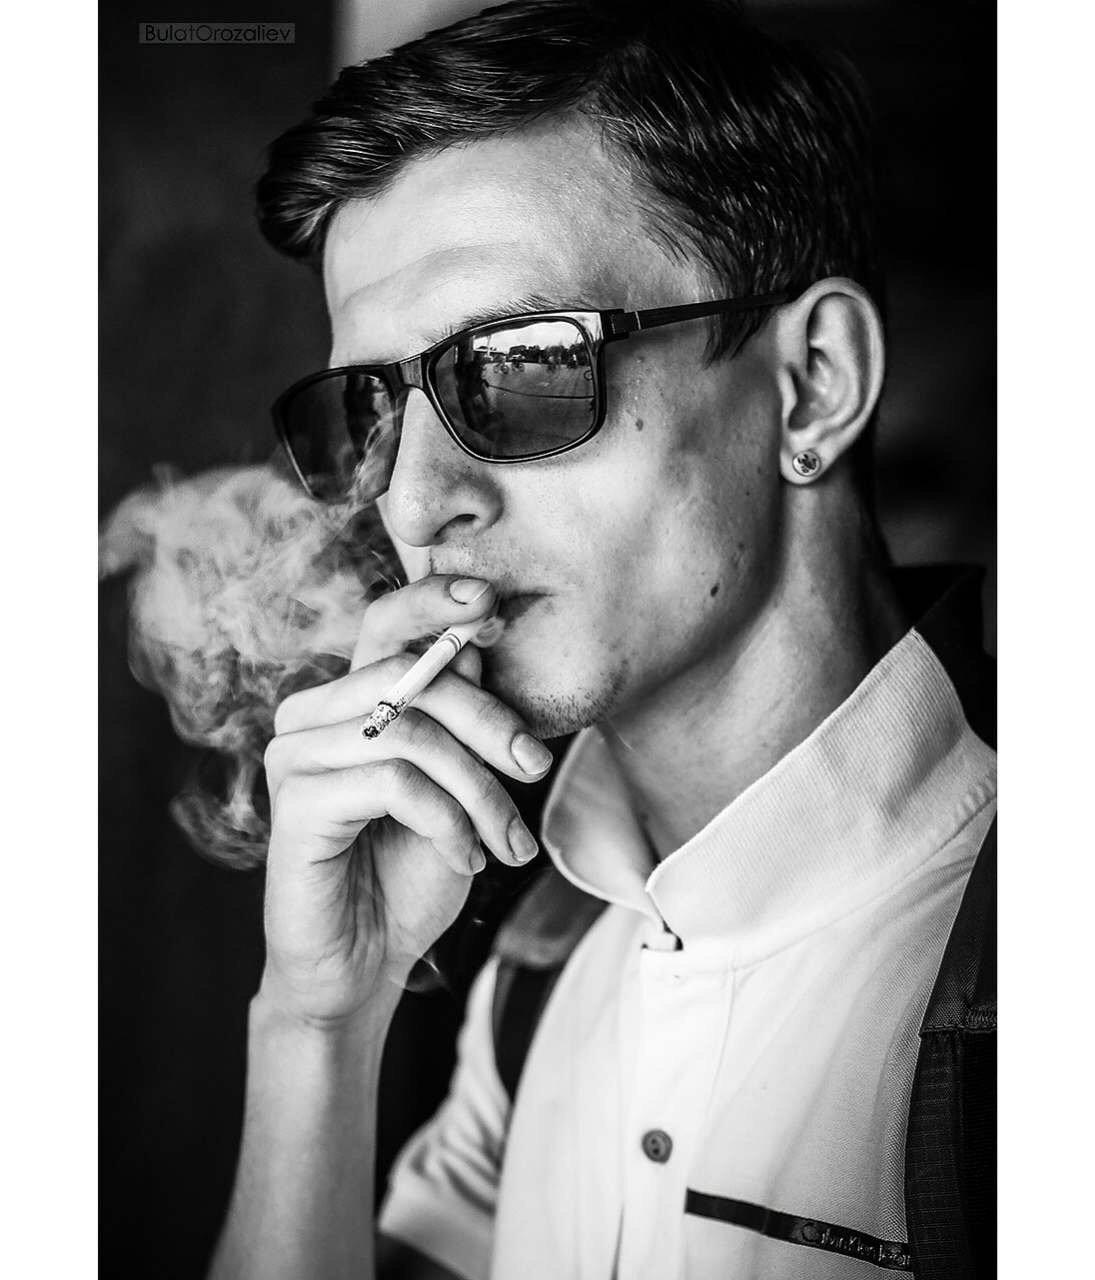 началом монтирования фото парень на аву с сигаретой меня